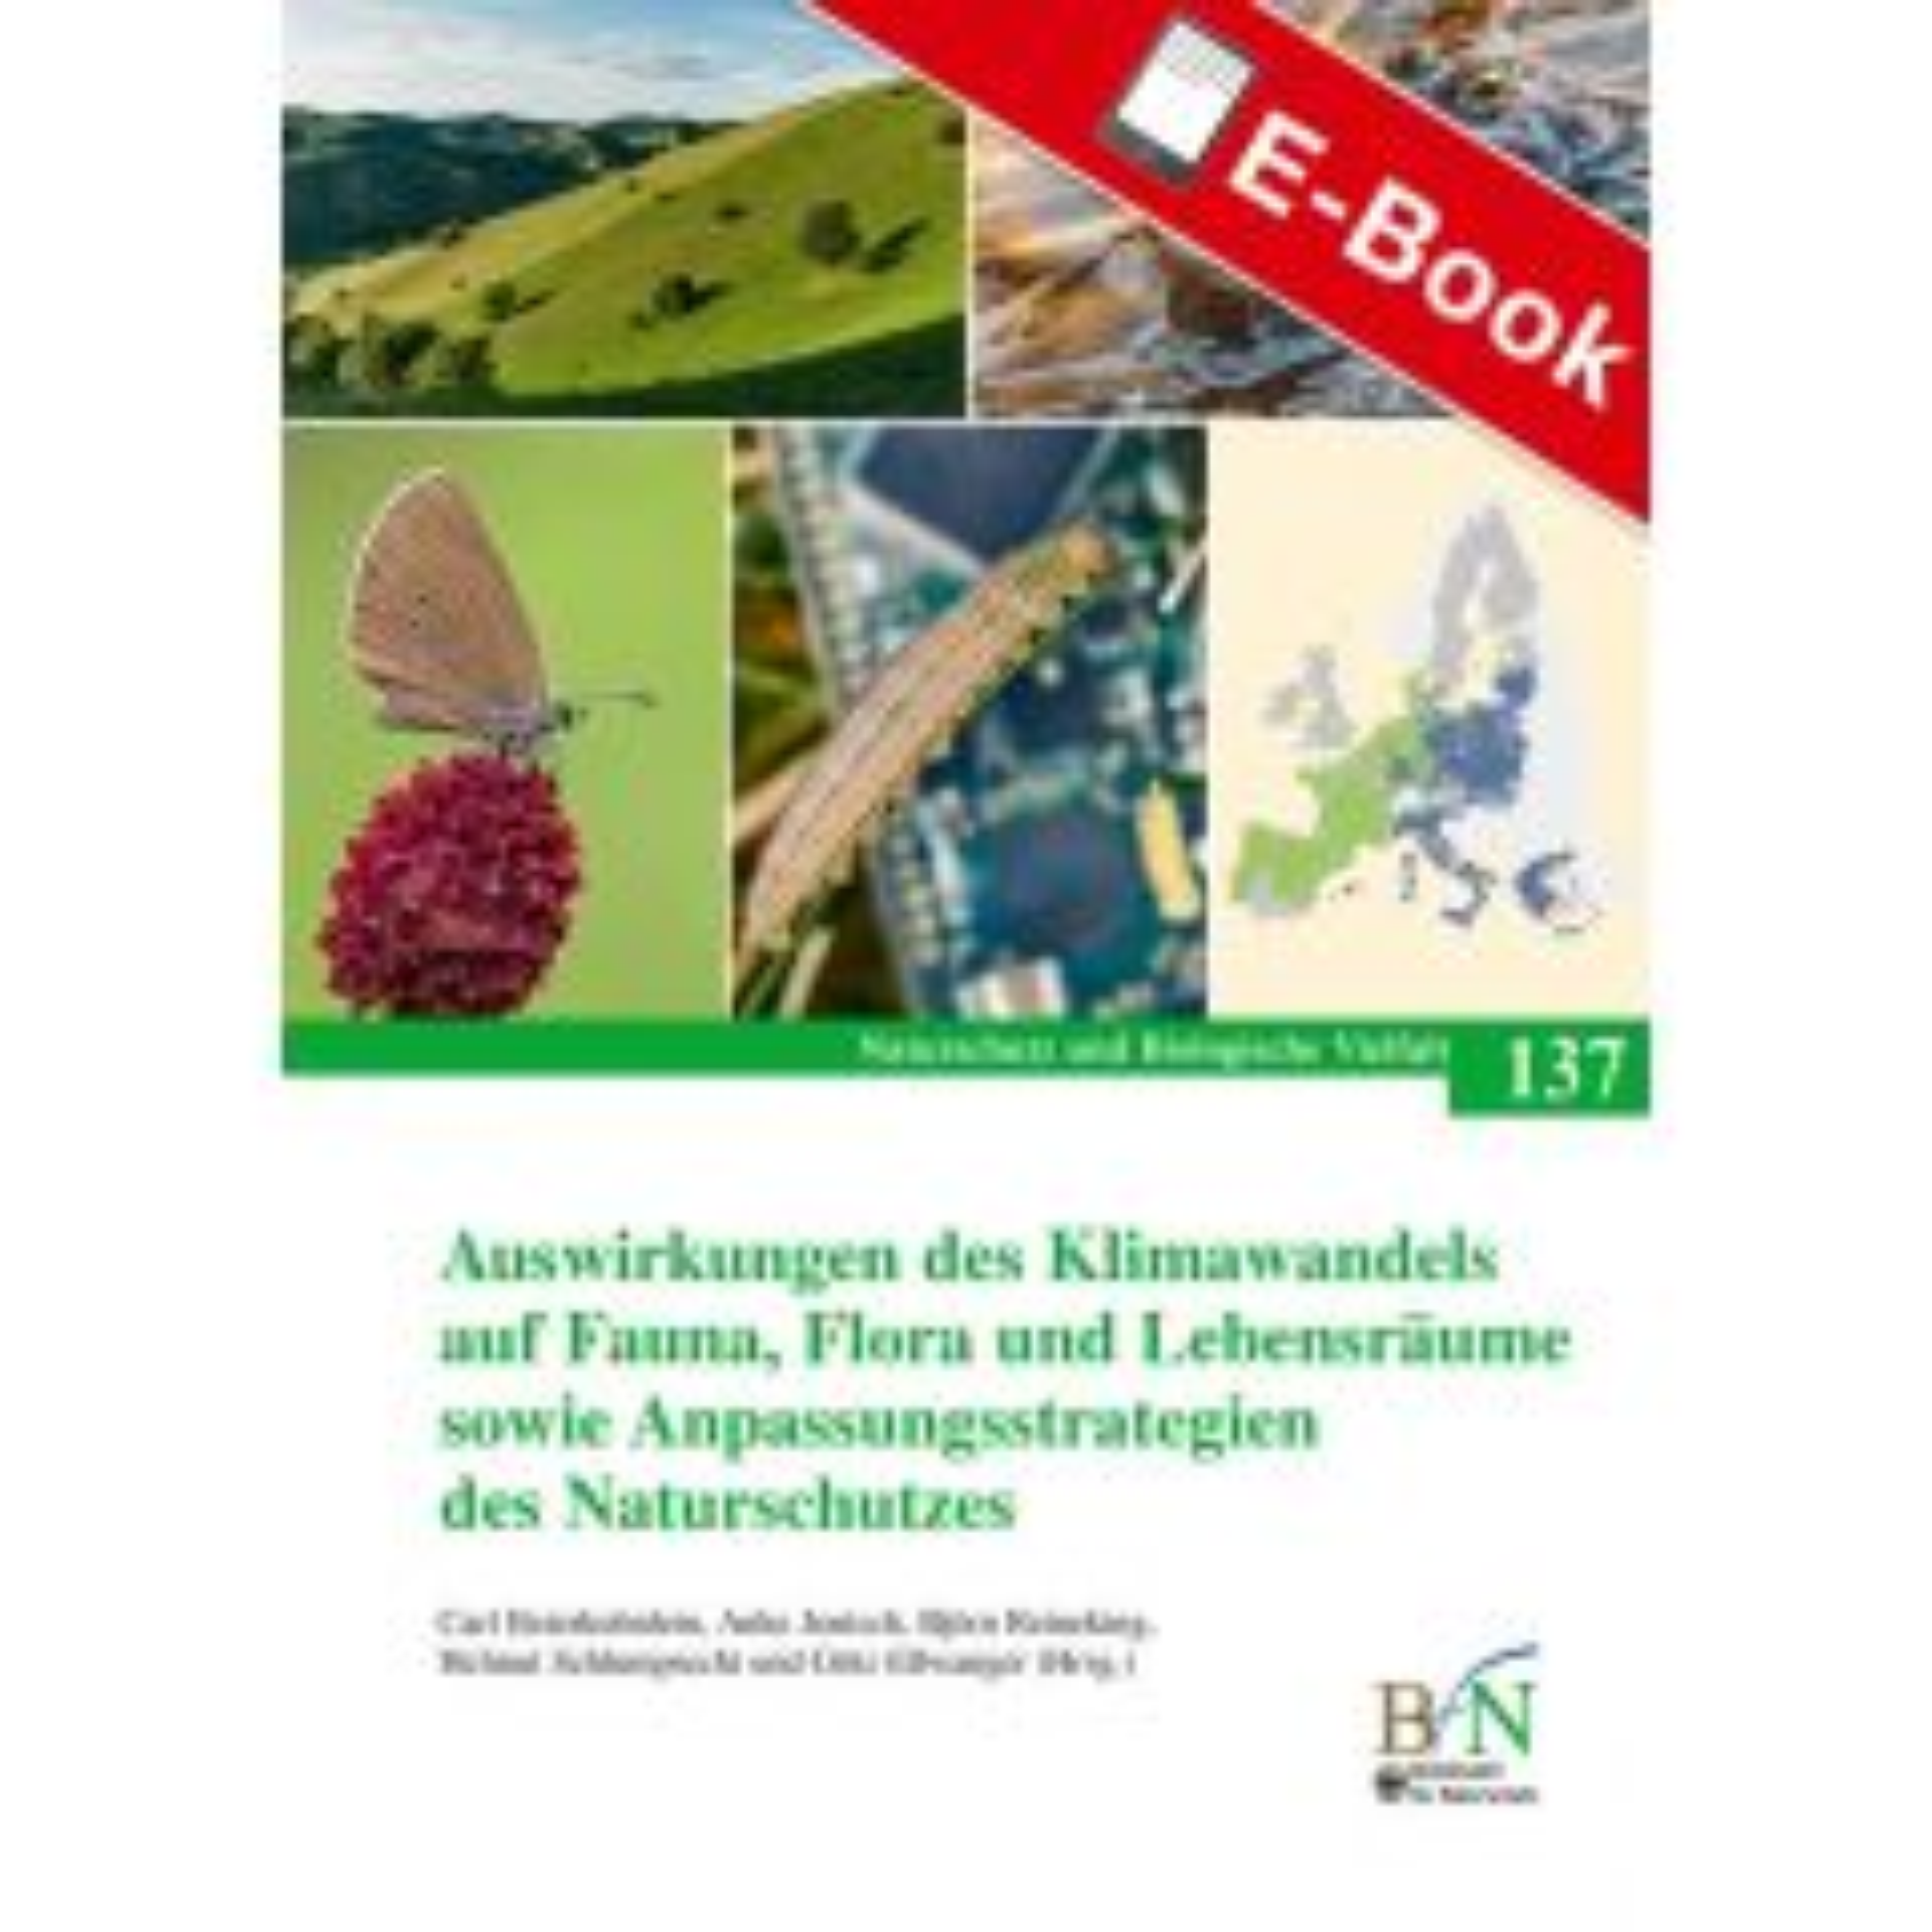 PDF: NaBiV Heft 137: Auswirkungen des Klimawandels auf Fauna, Flora und Lebensräume sowie Anpassungsstrategien des Naturschutzes